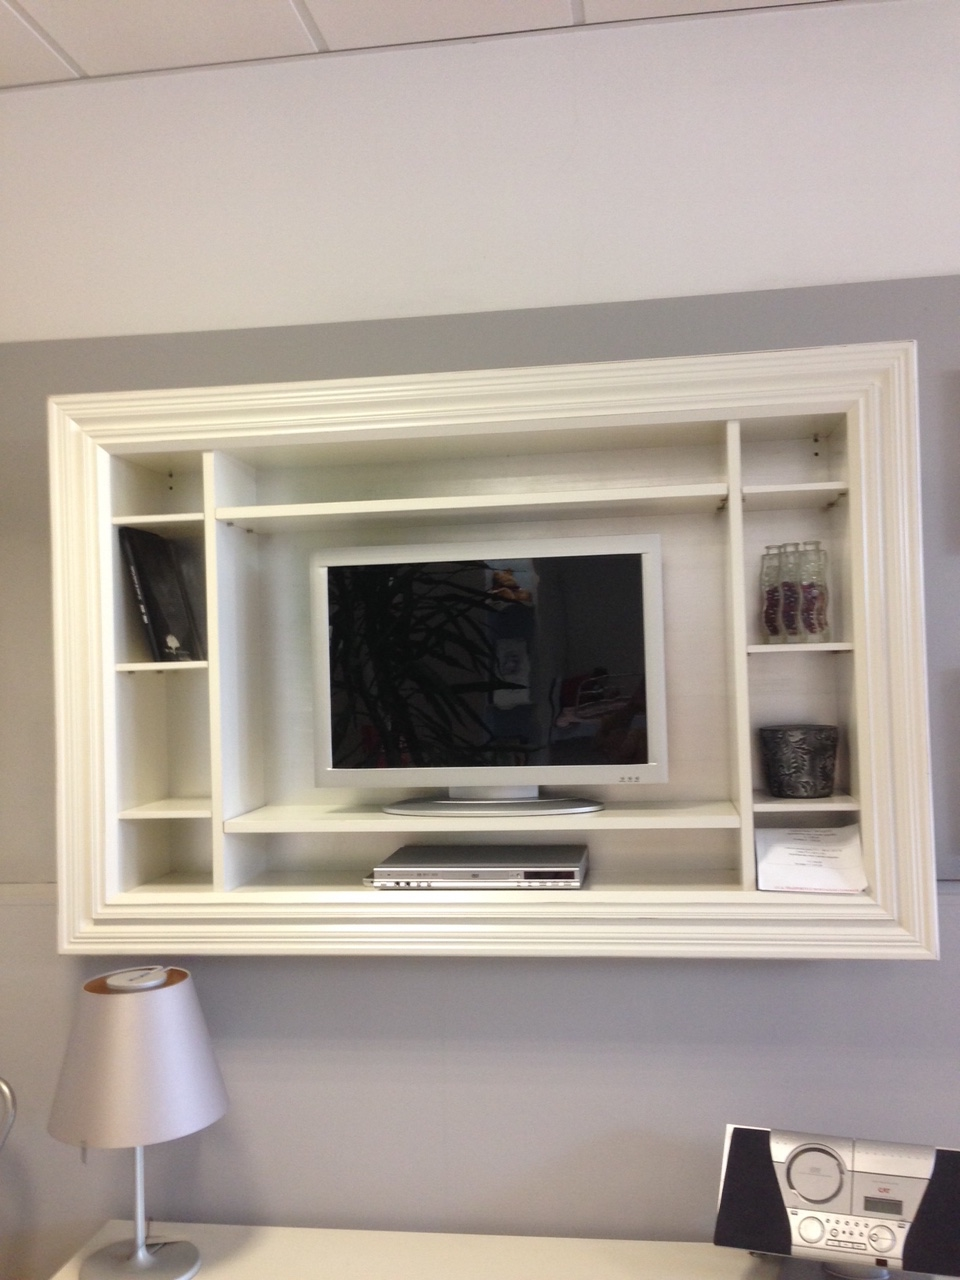 Madia e porta televisore soggiorni a prezzi scontati - Porta televisore a muro ...